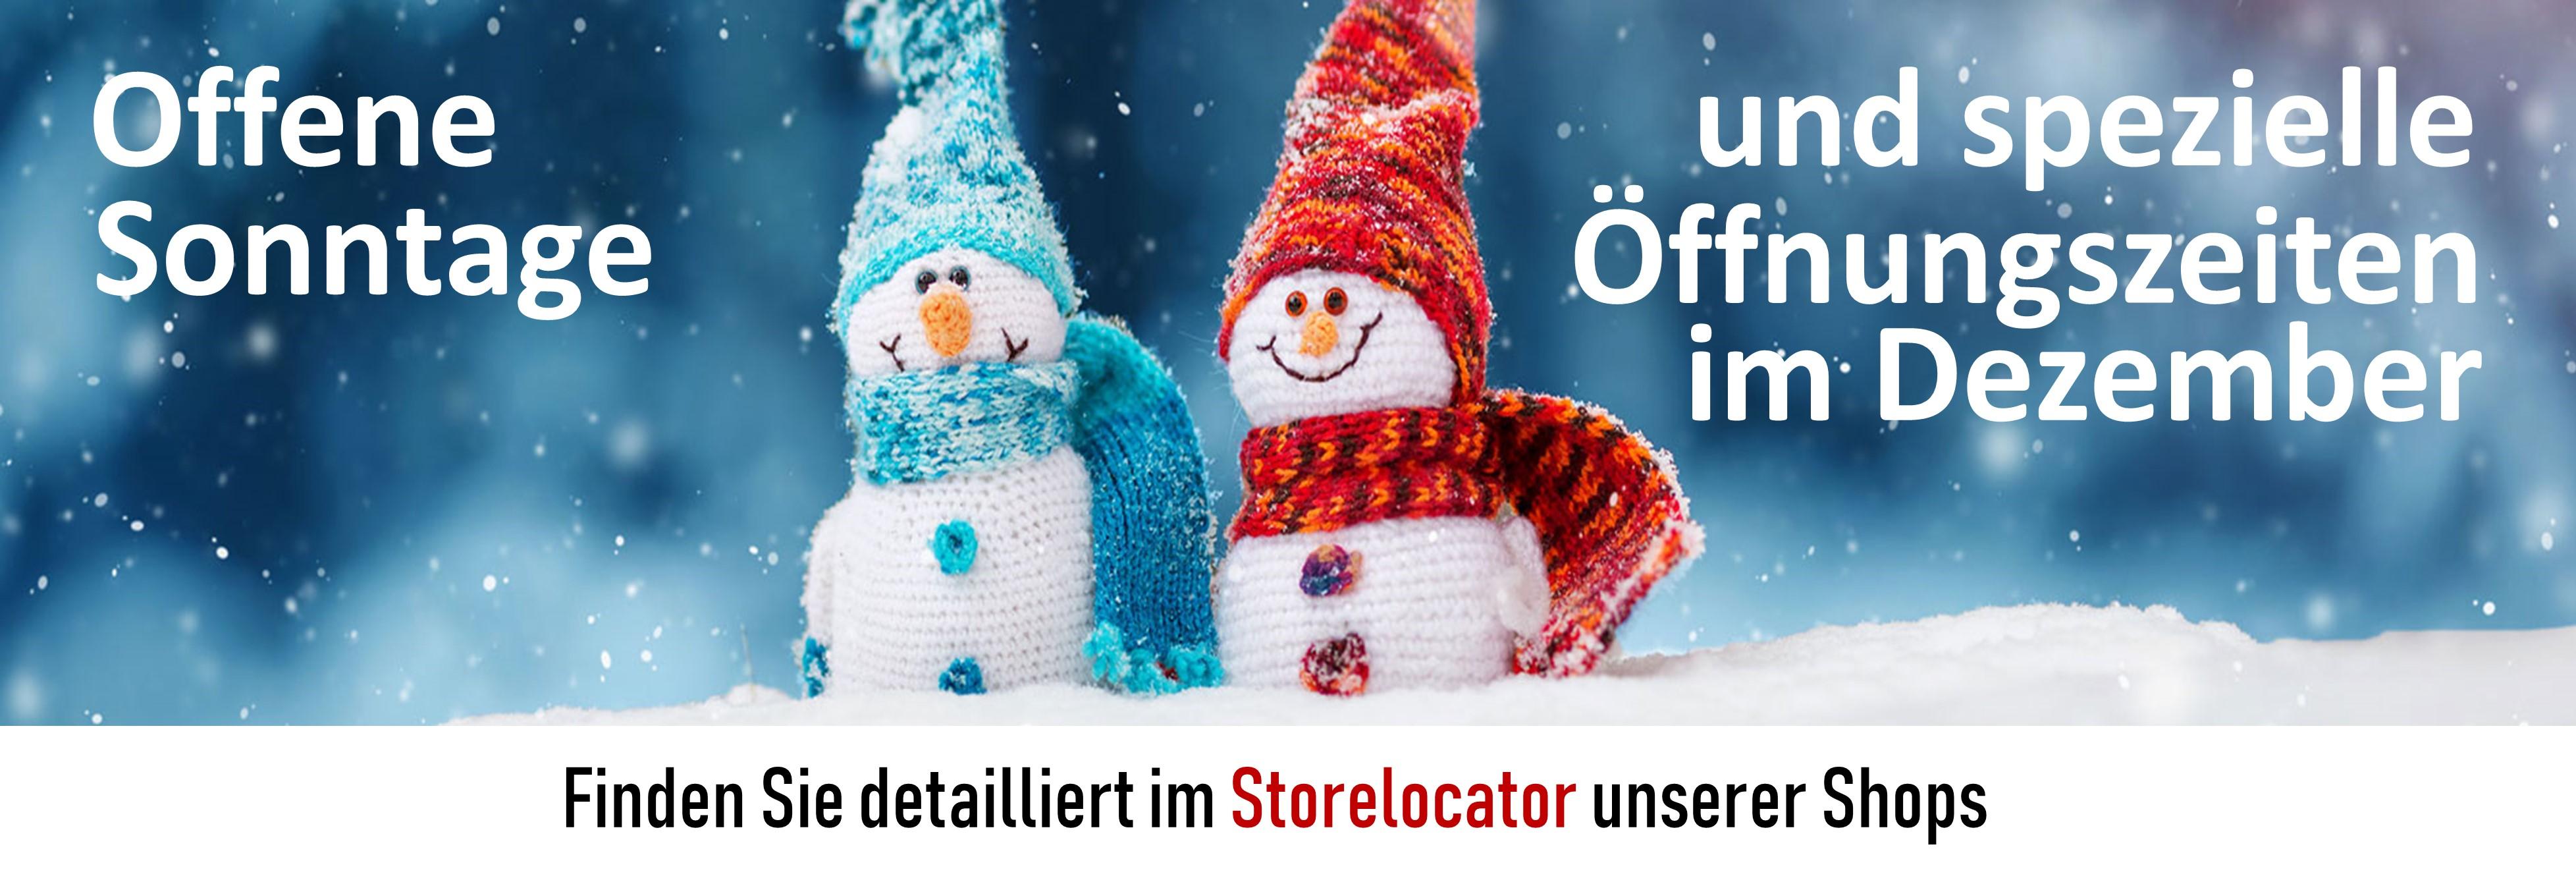 Offene Sonntage Weihnachten Glen Fahrn Shops